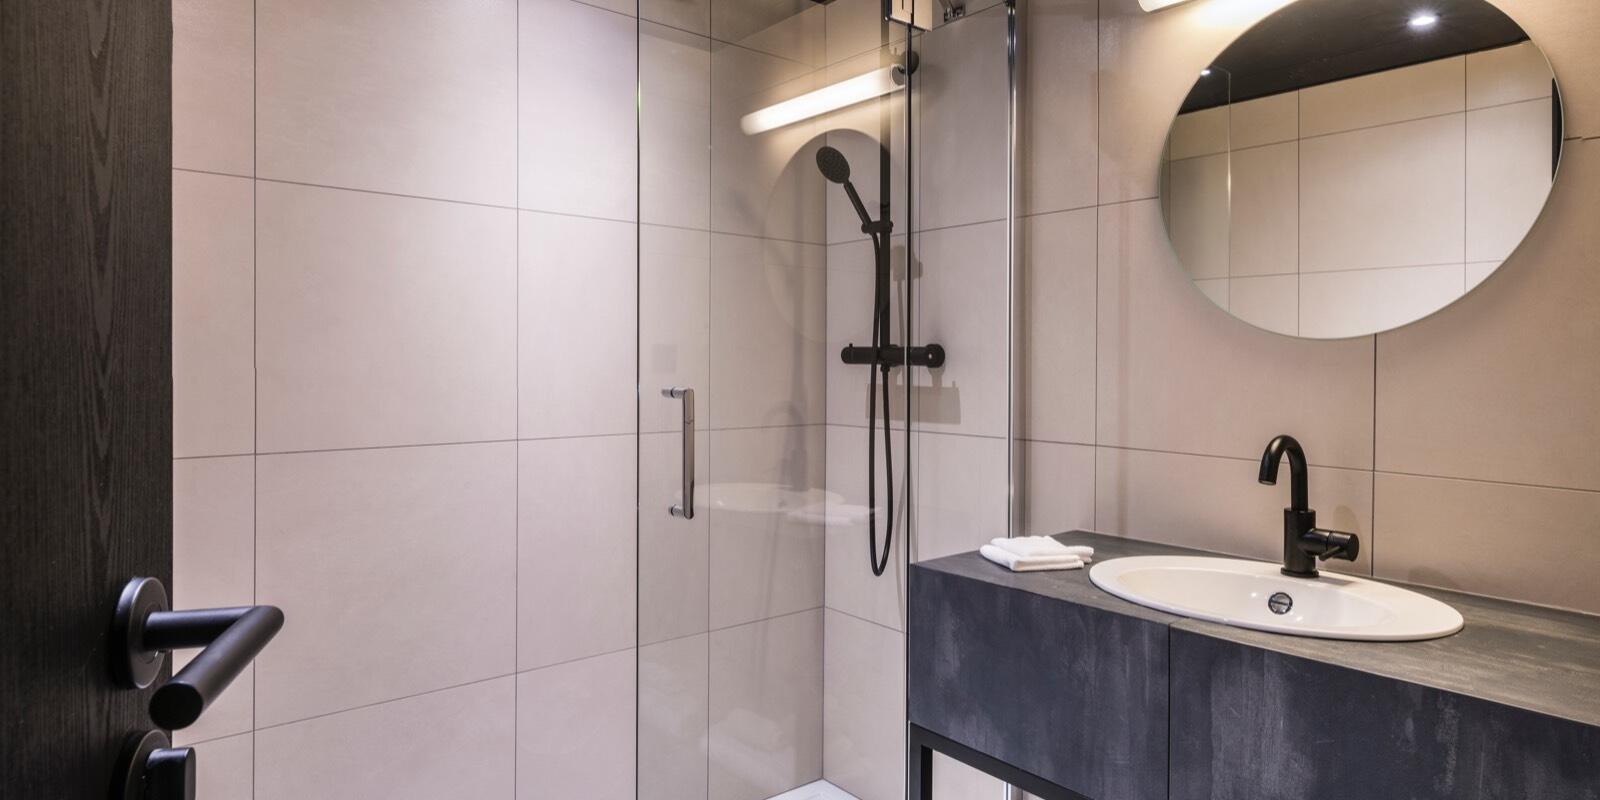 Bathroom at Hotel Hubert Brussels